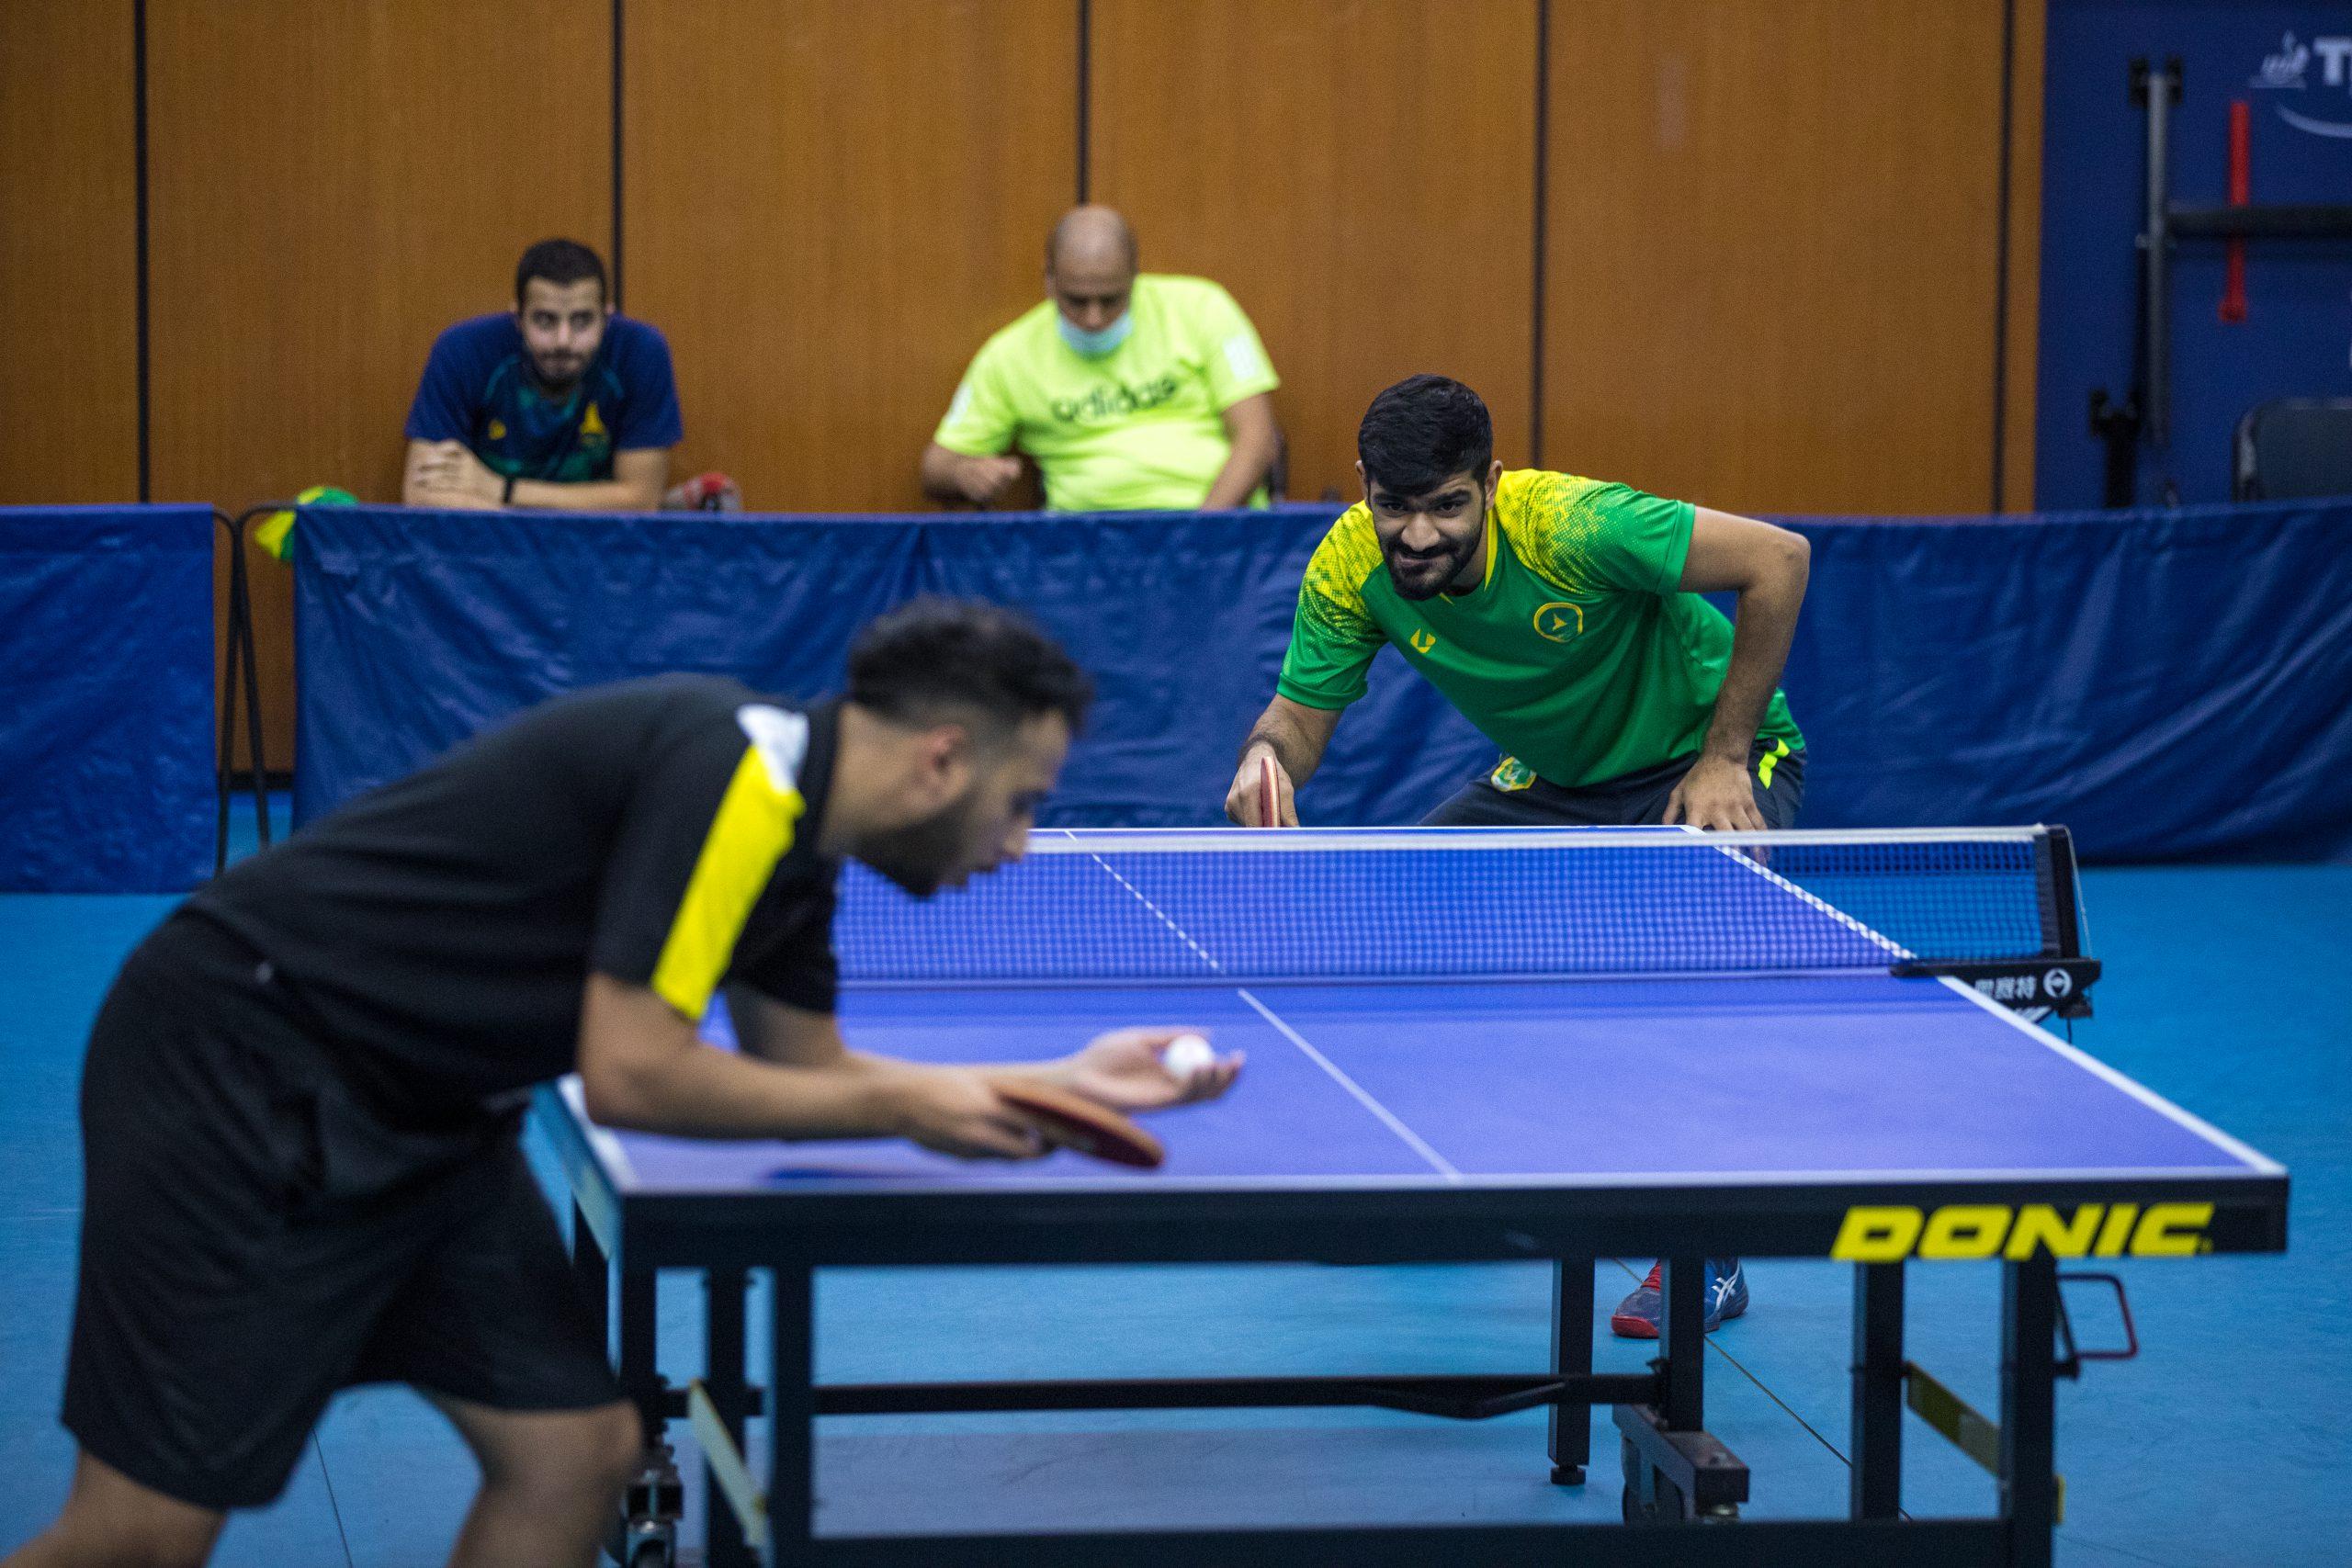 بعد عودة مباريات التنس .. طاولة الخليج تخسر من الاتحاد .. وتقابل مضر غداً